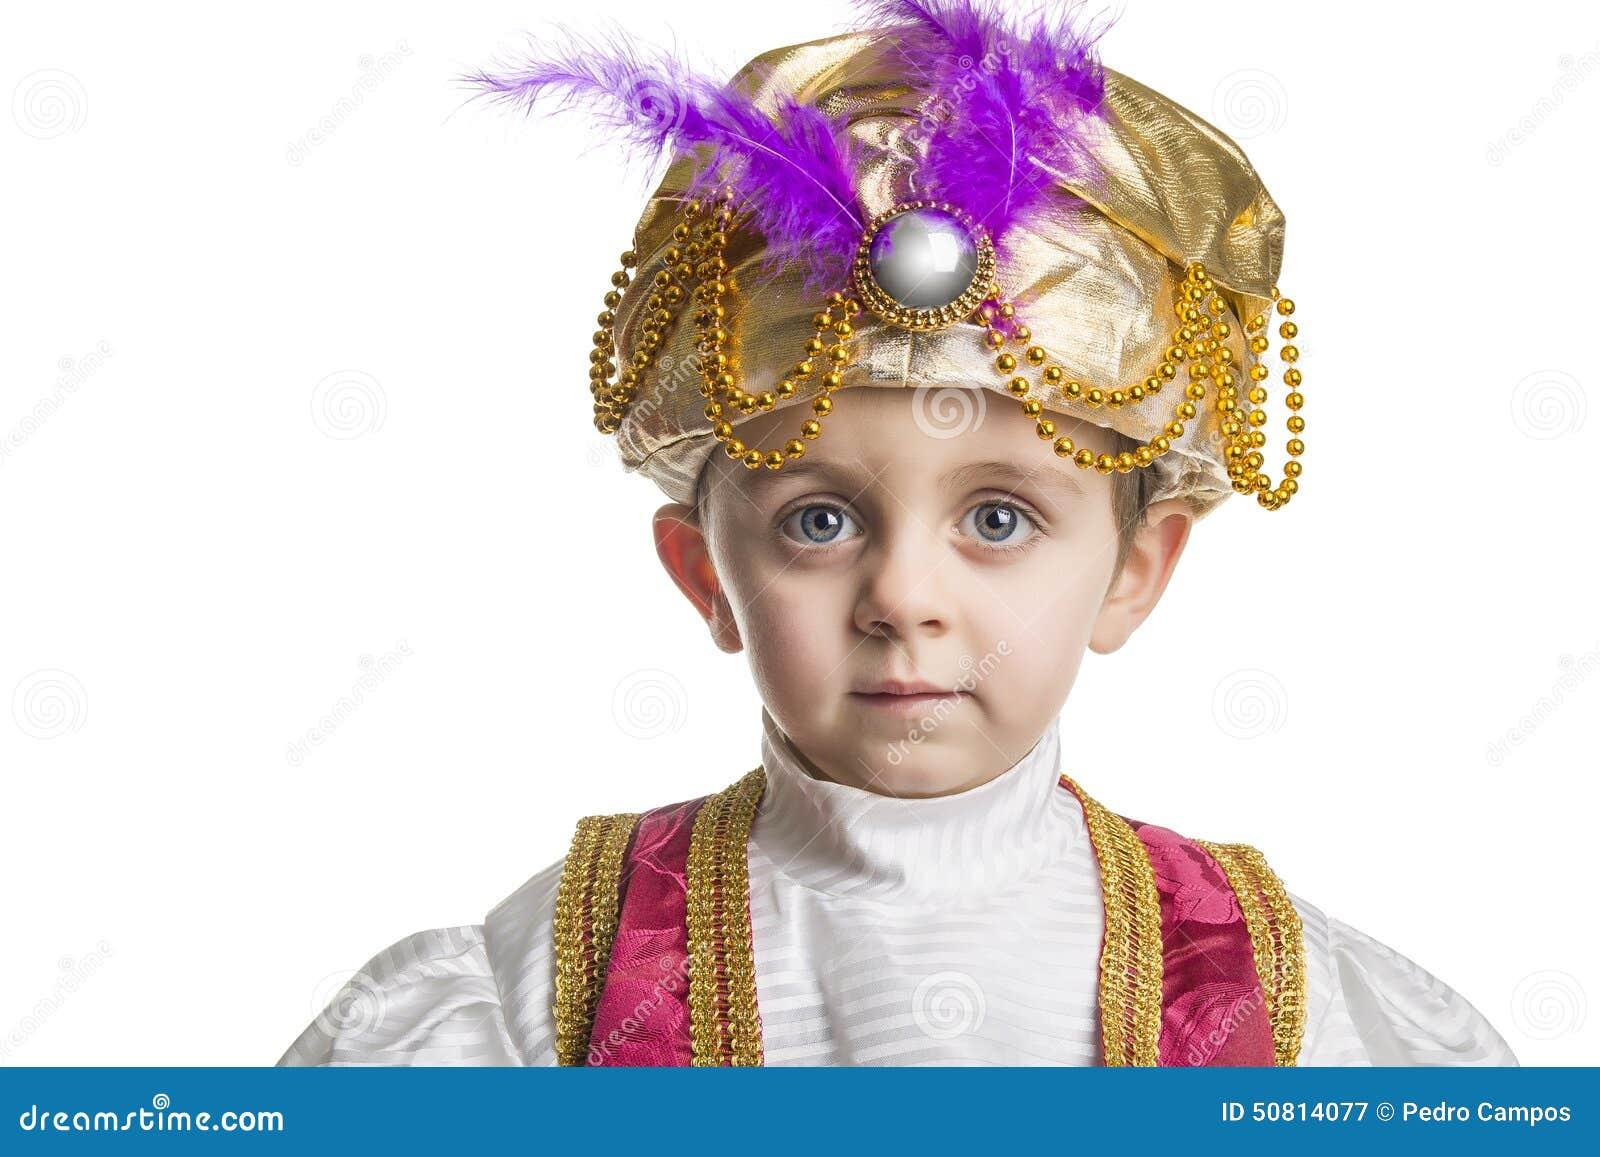 Sultan child on white